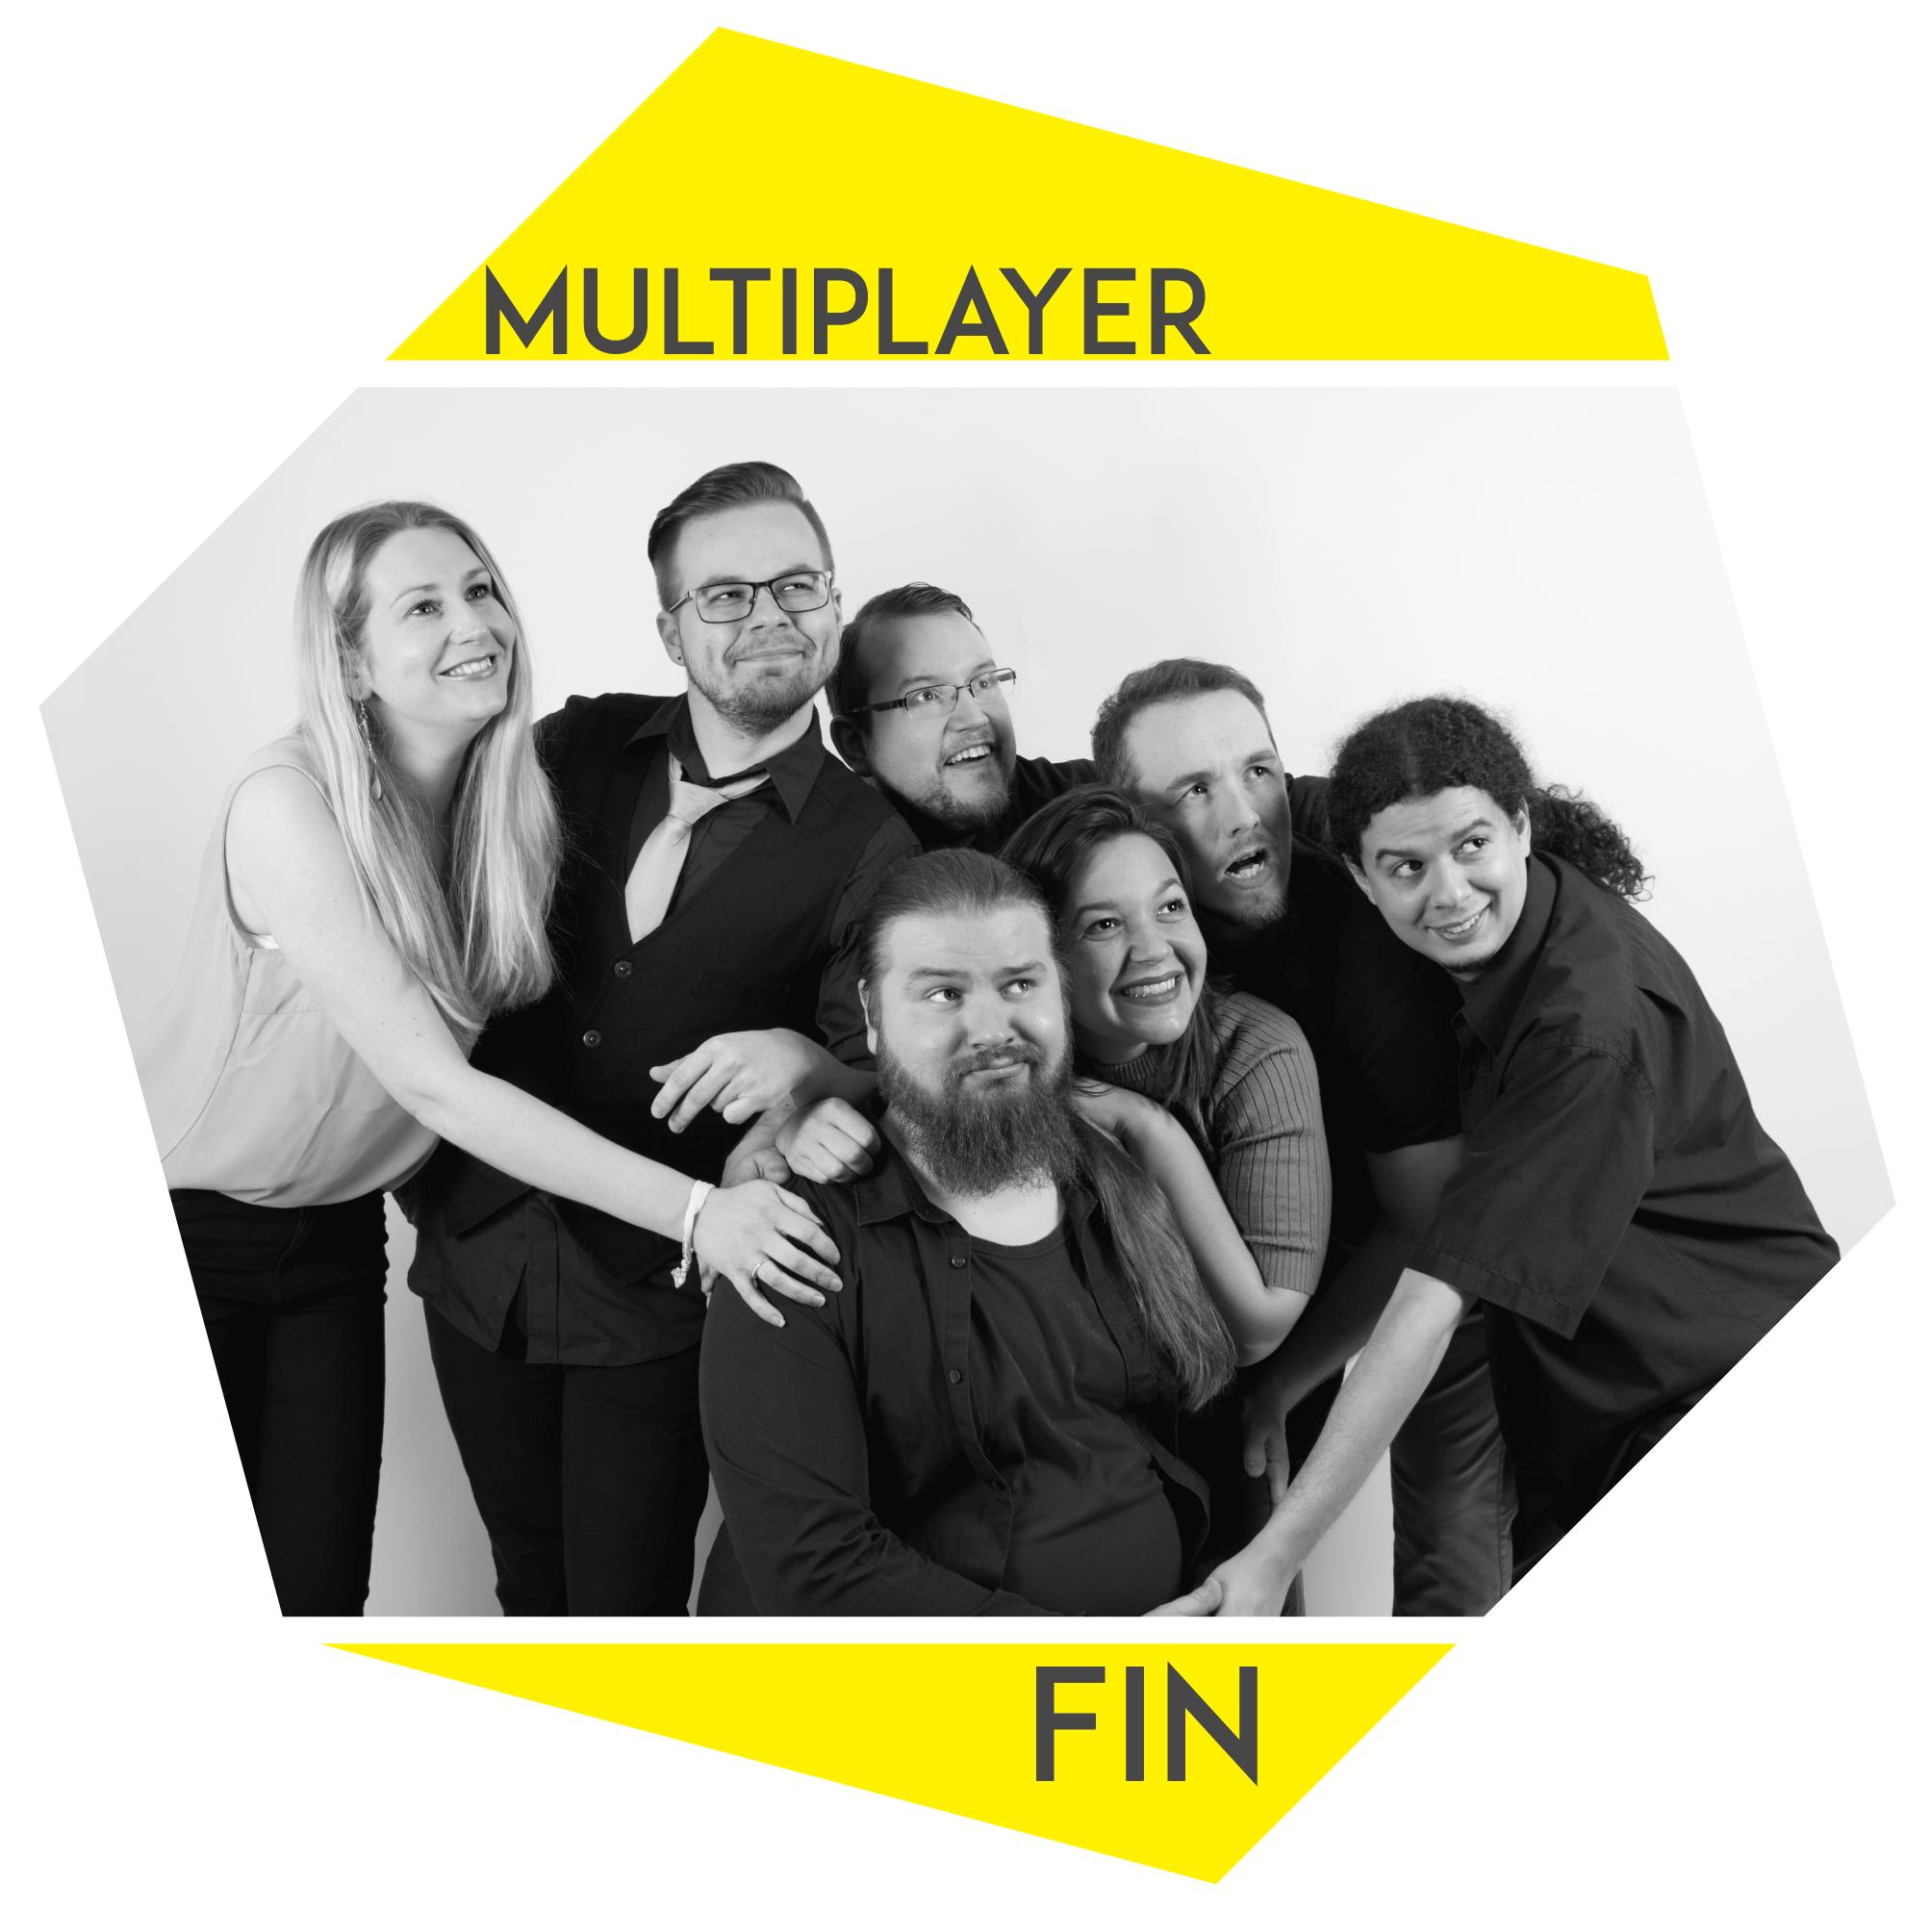 Multiplayer Finland